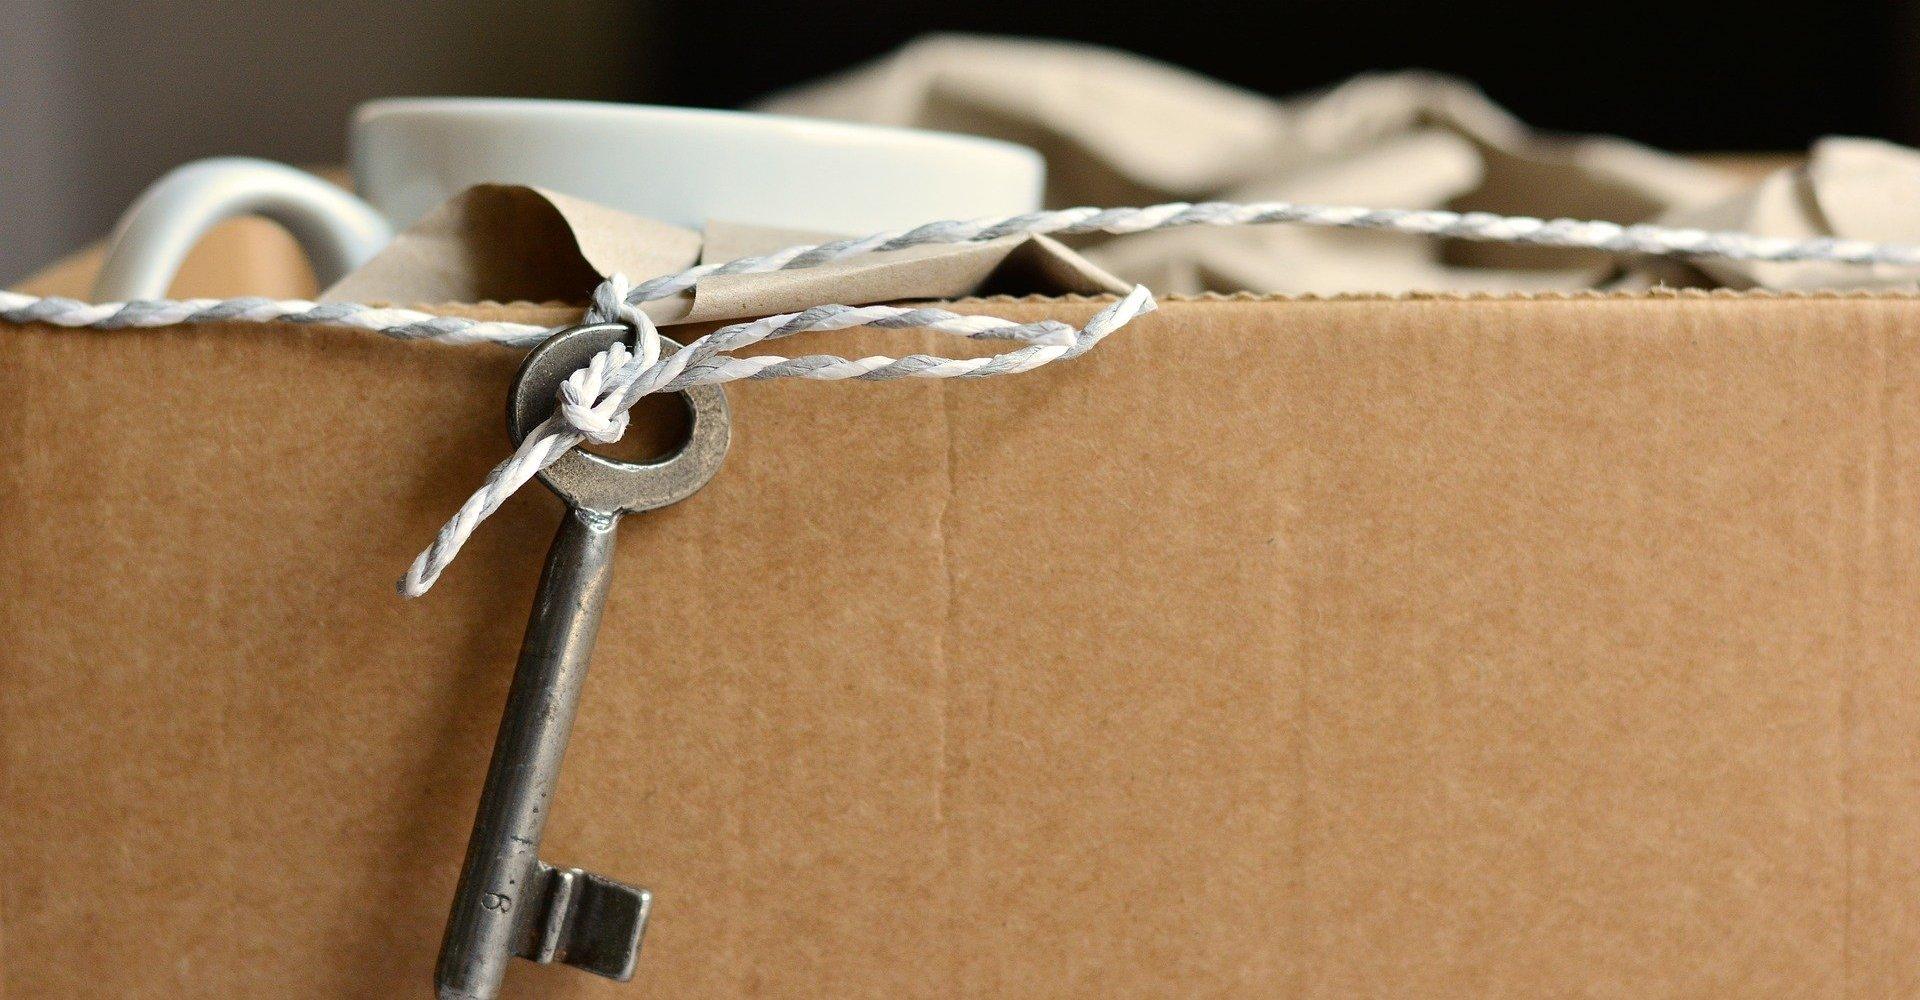 Home-Ex Immbilien Wohnungsverkauf wegen Umzug